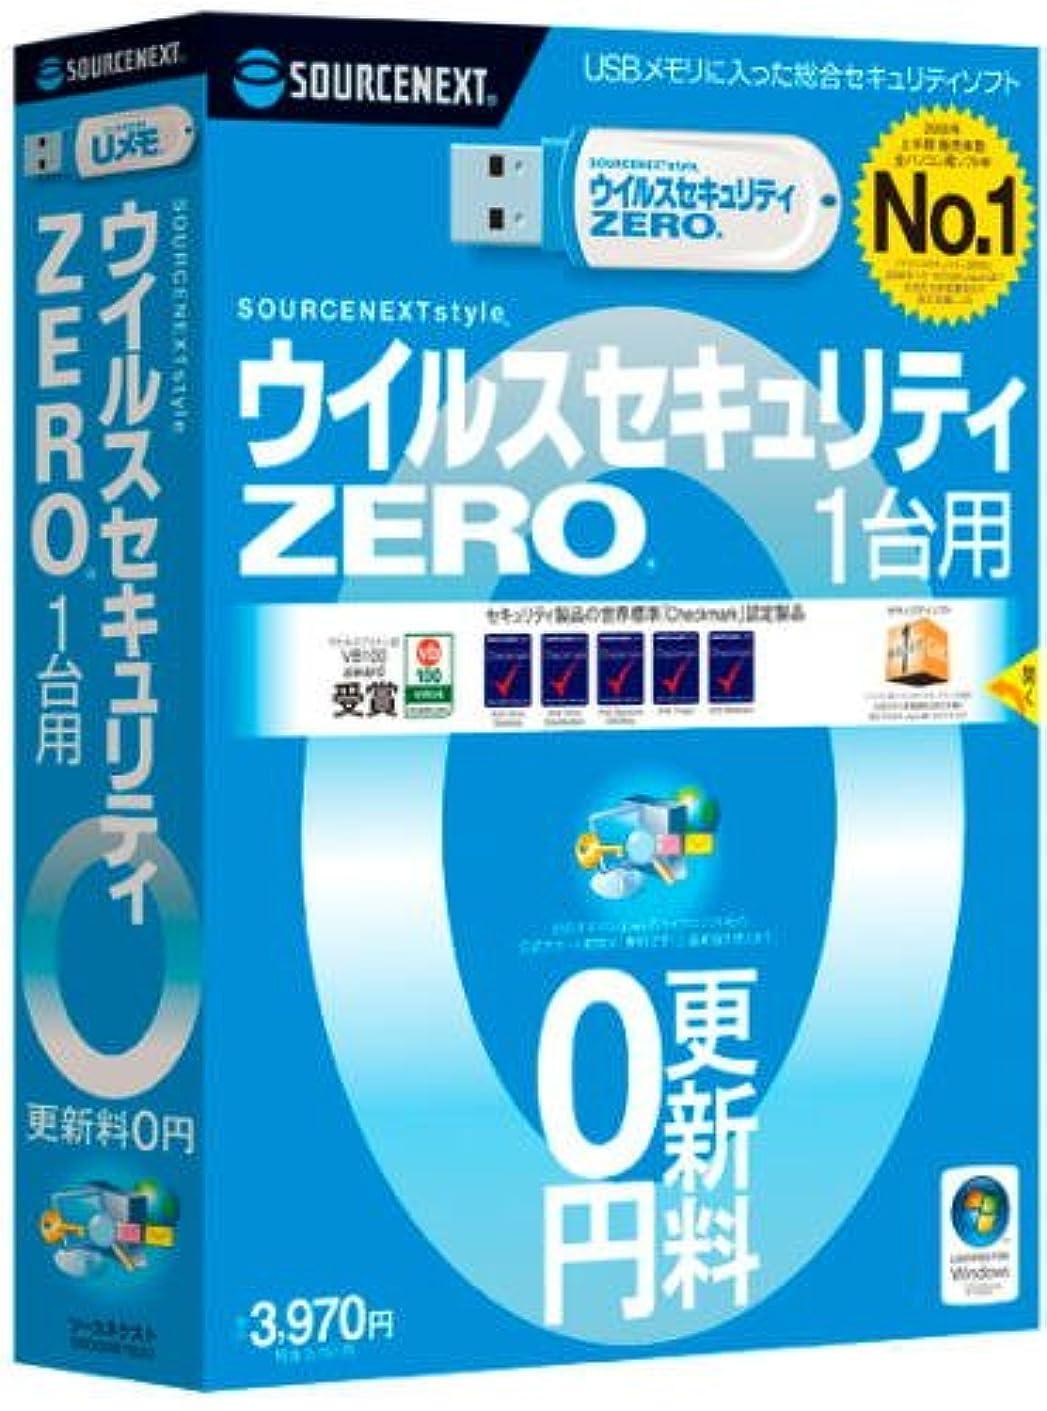 チョップ乱闘食物ウイルスセキュリティZERO 1台用 USBメモリ版(旧版)